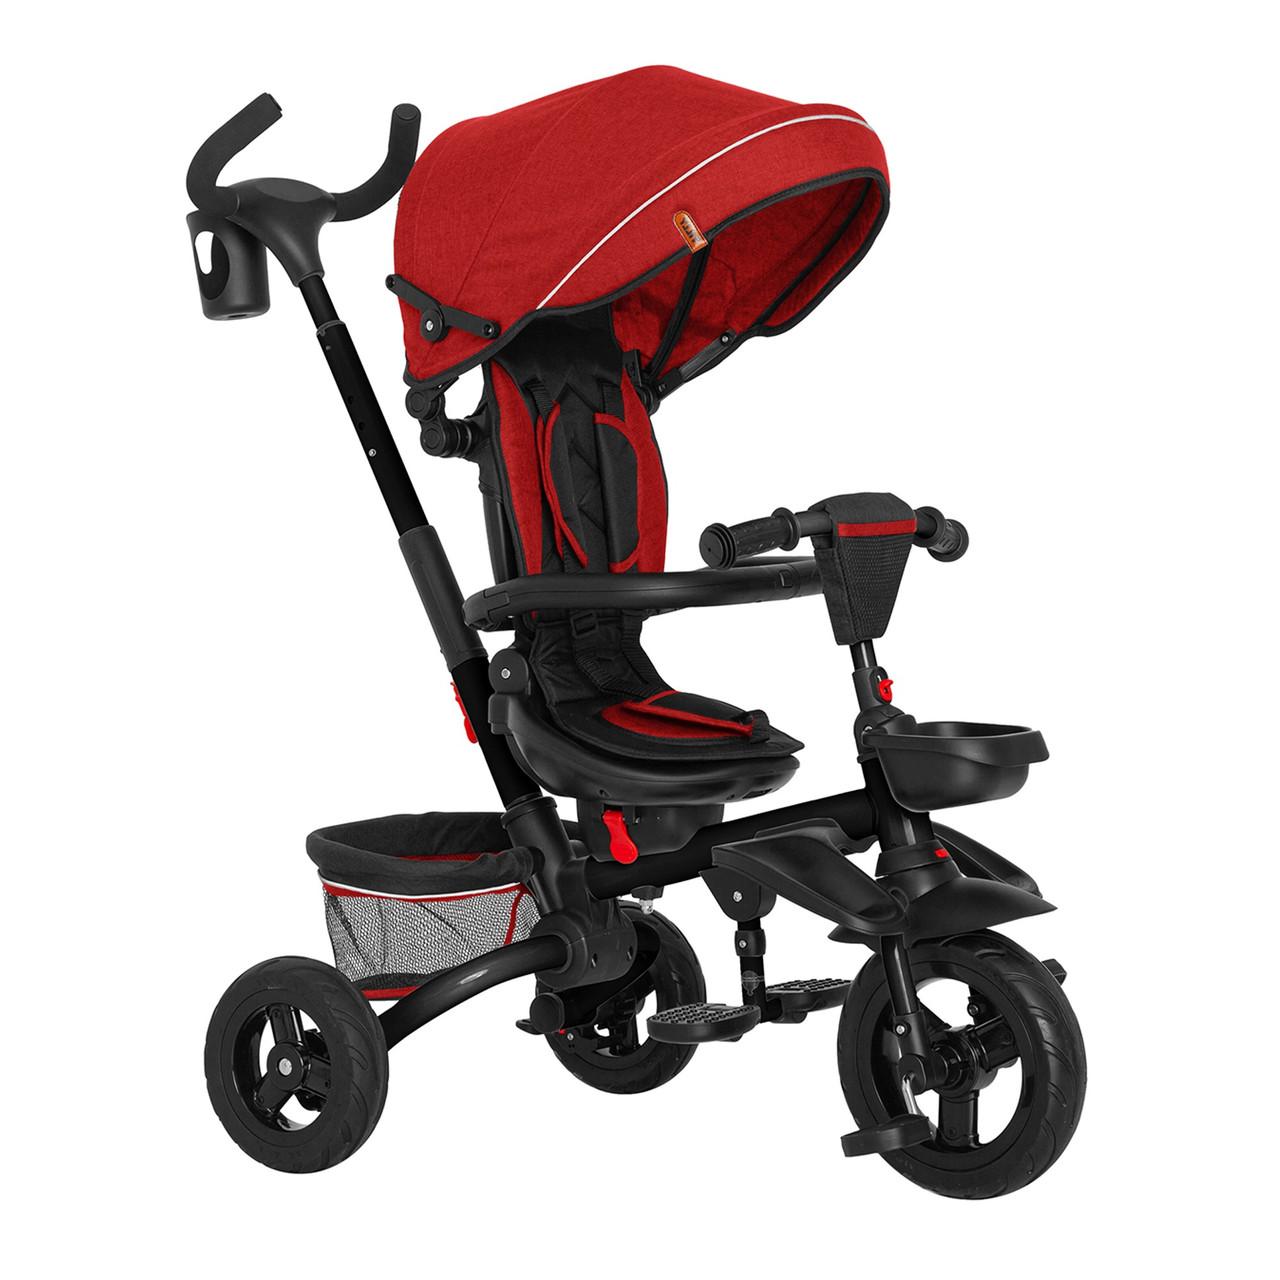 Детский трехколесный велосипед TILLY FLIP T-390 Красный с родительской ручкой, капюшоном и багажником